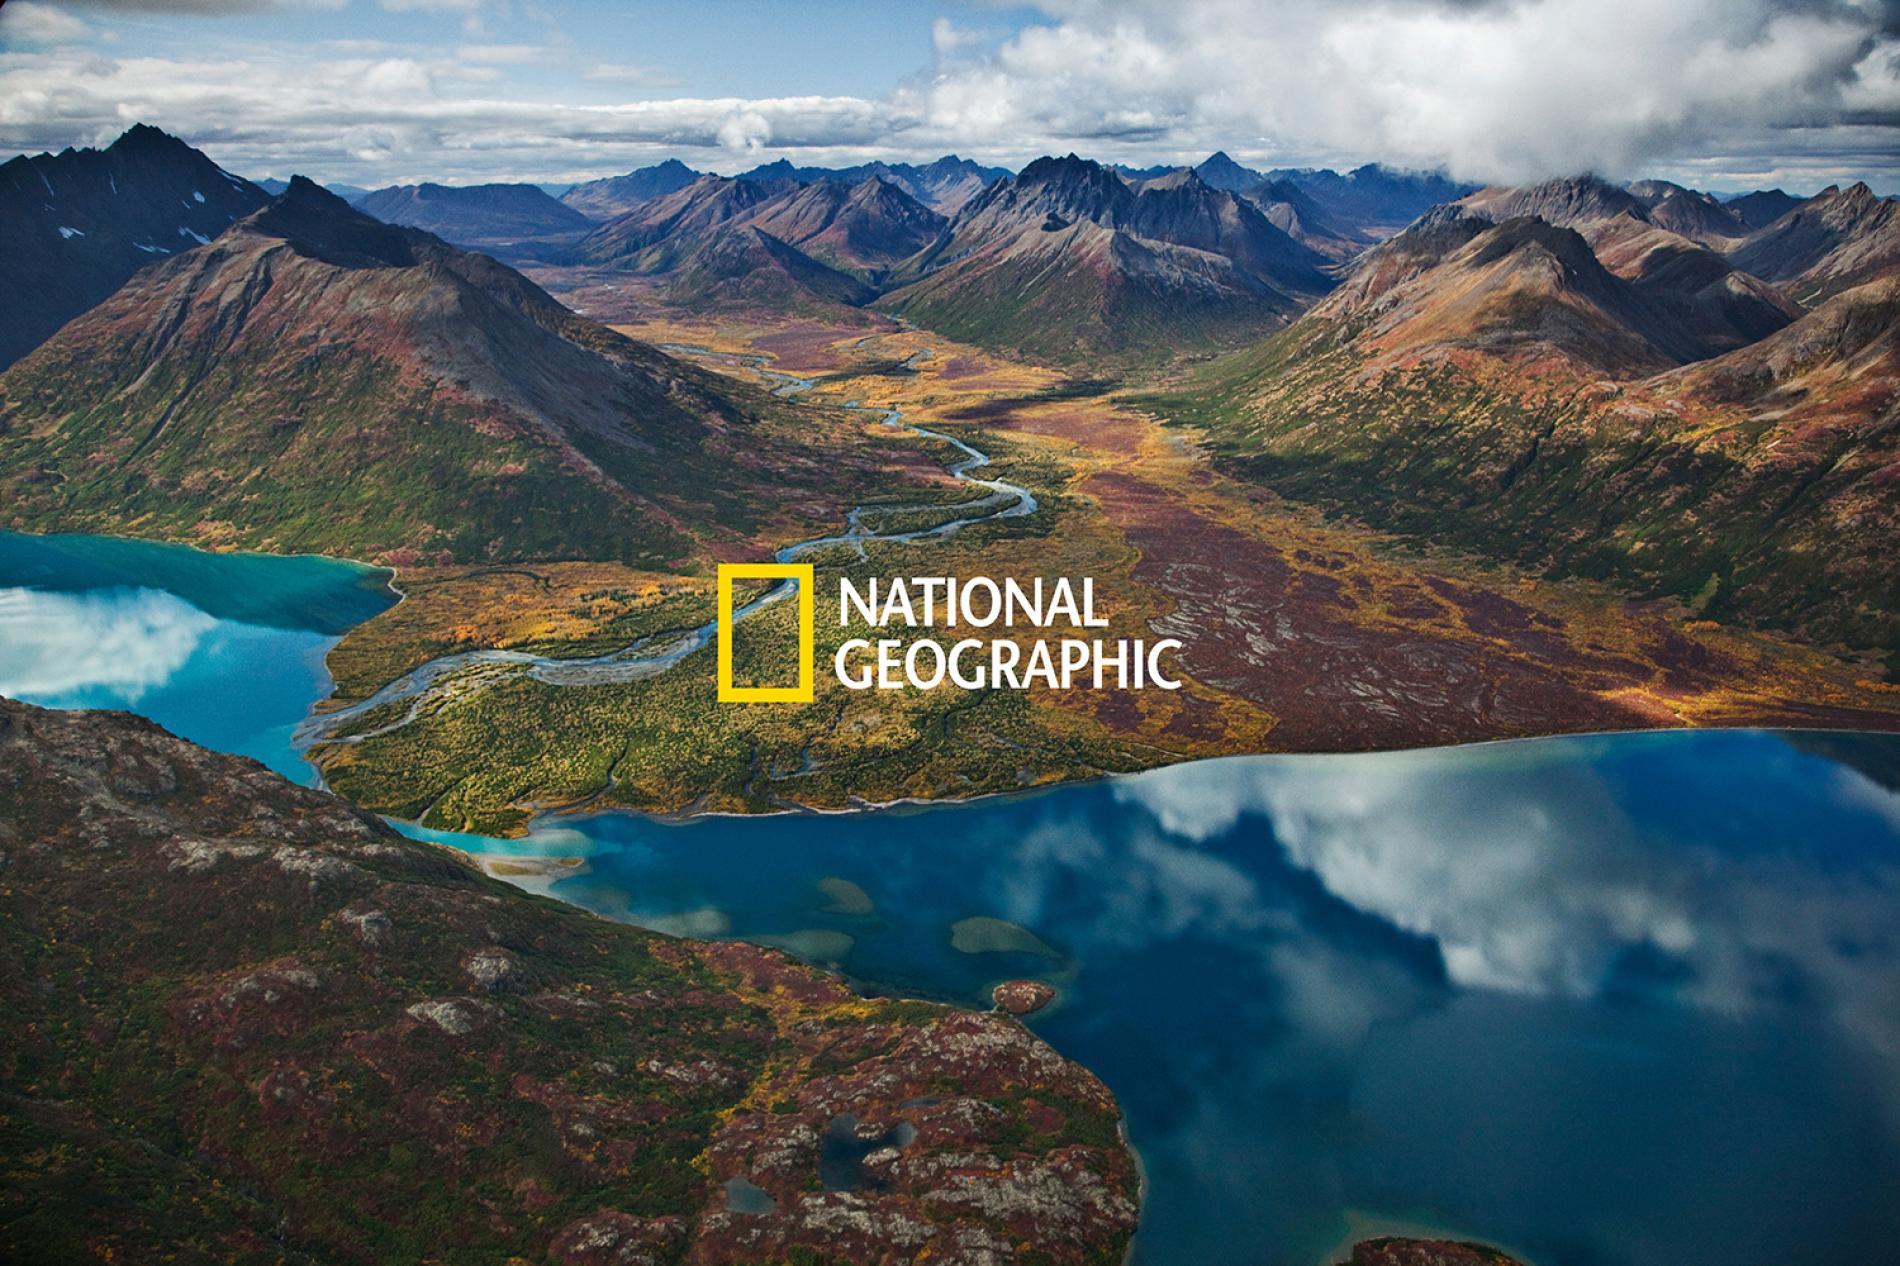 Antonio de la Torre, explorador de National Geographic, comparte consejos  para cuidar una especie en peligro | PRESENTE RSE